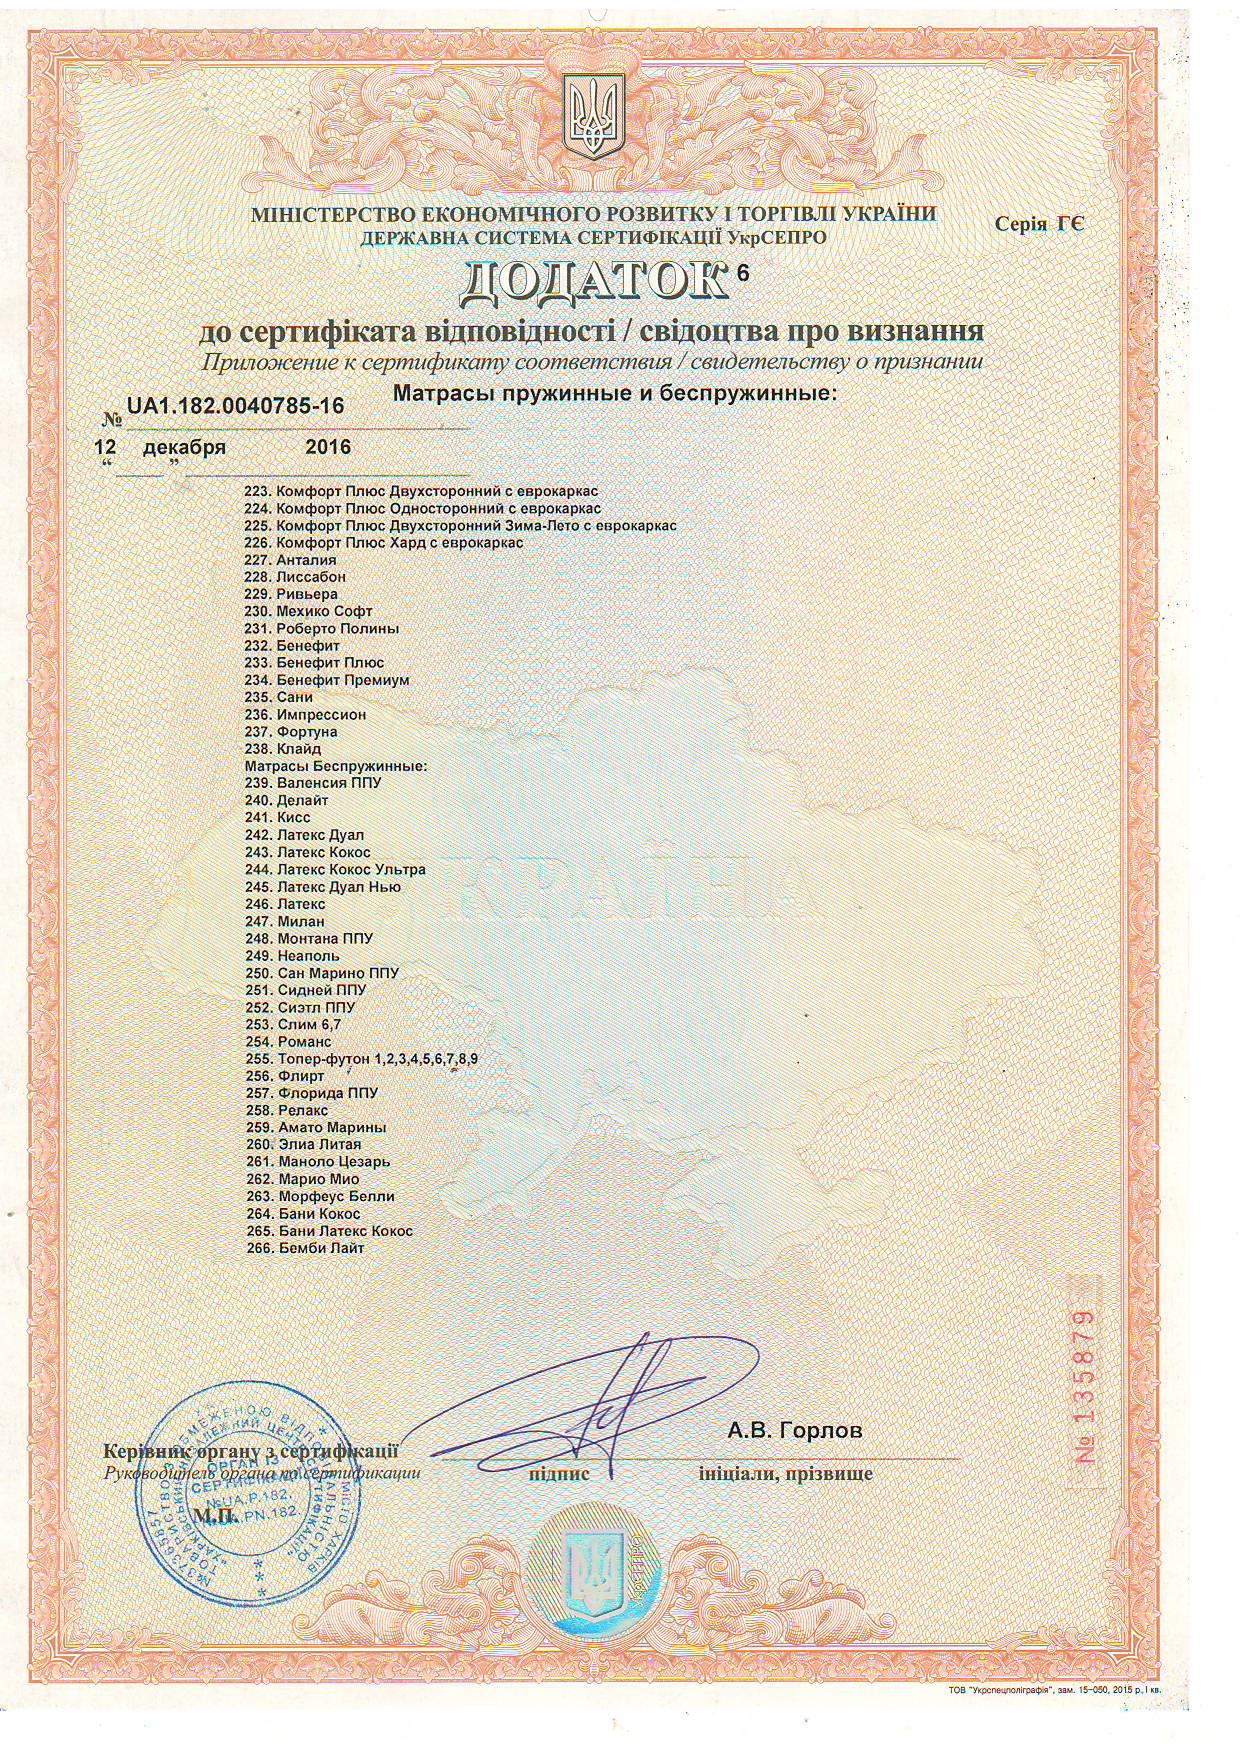 Дополнение 6 к Сертификату соответствия качества матрасов пружинных и беспружинных.